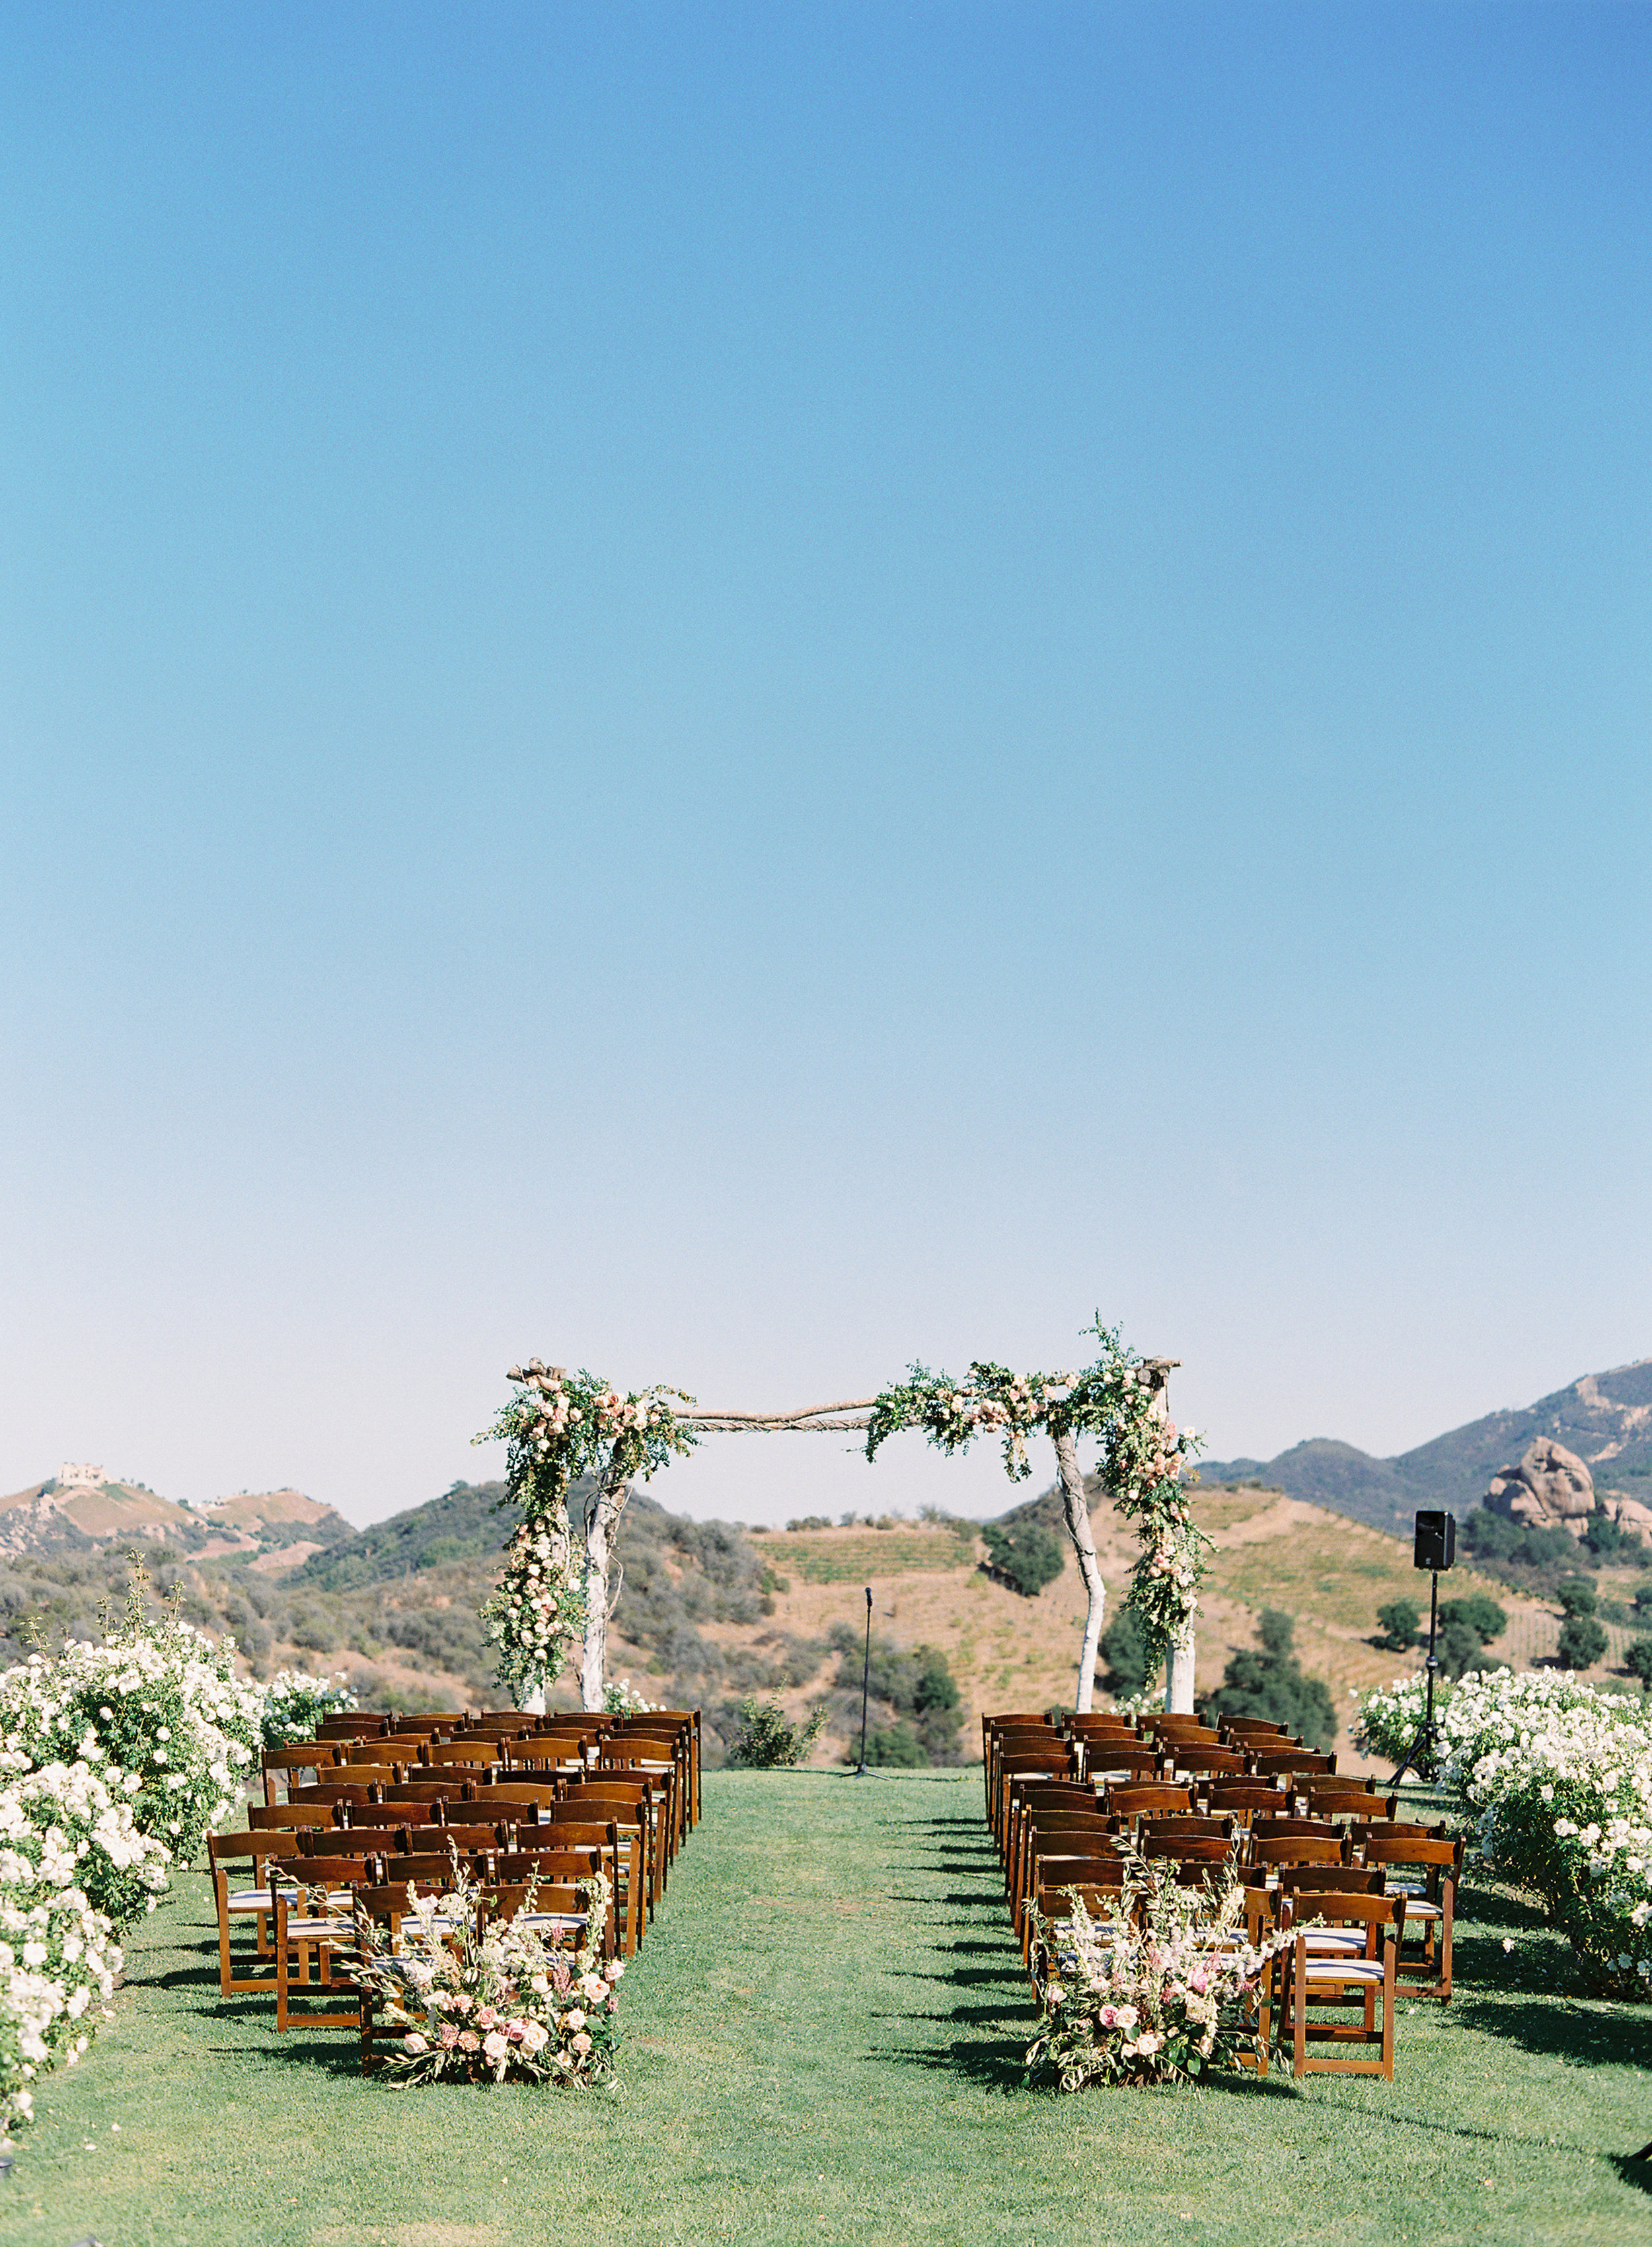 Saddlerock-Ranch-Malibu-Mark-and-Shirley-399.jpg